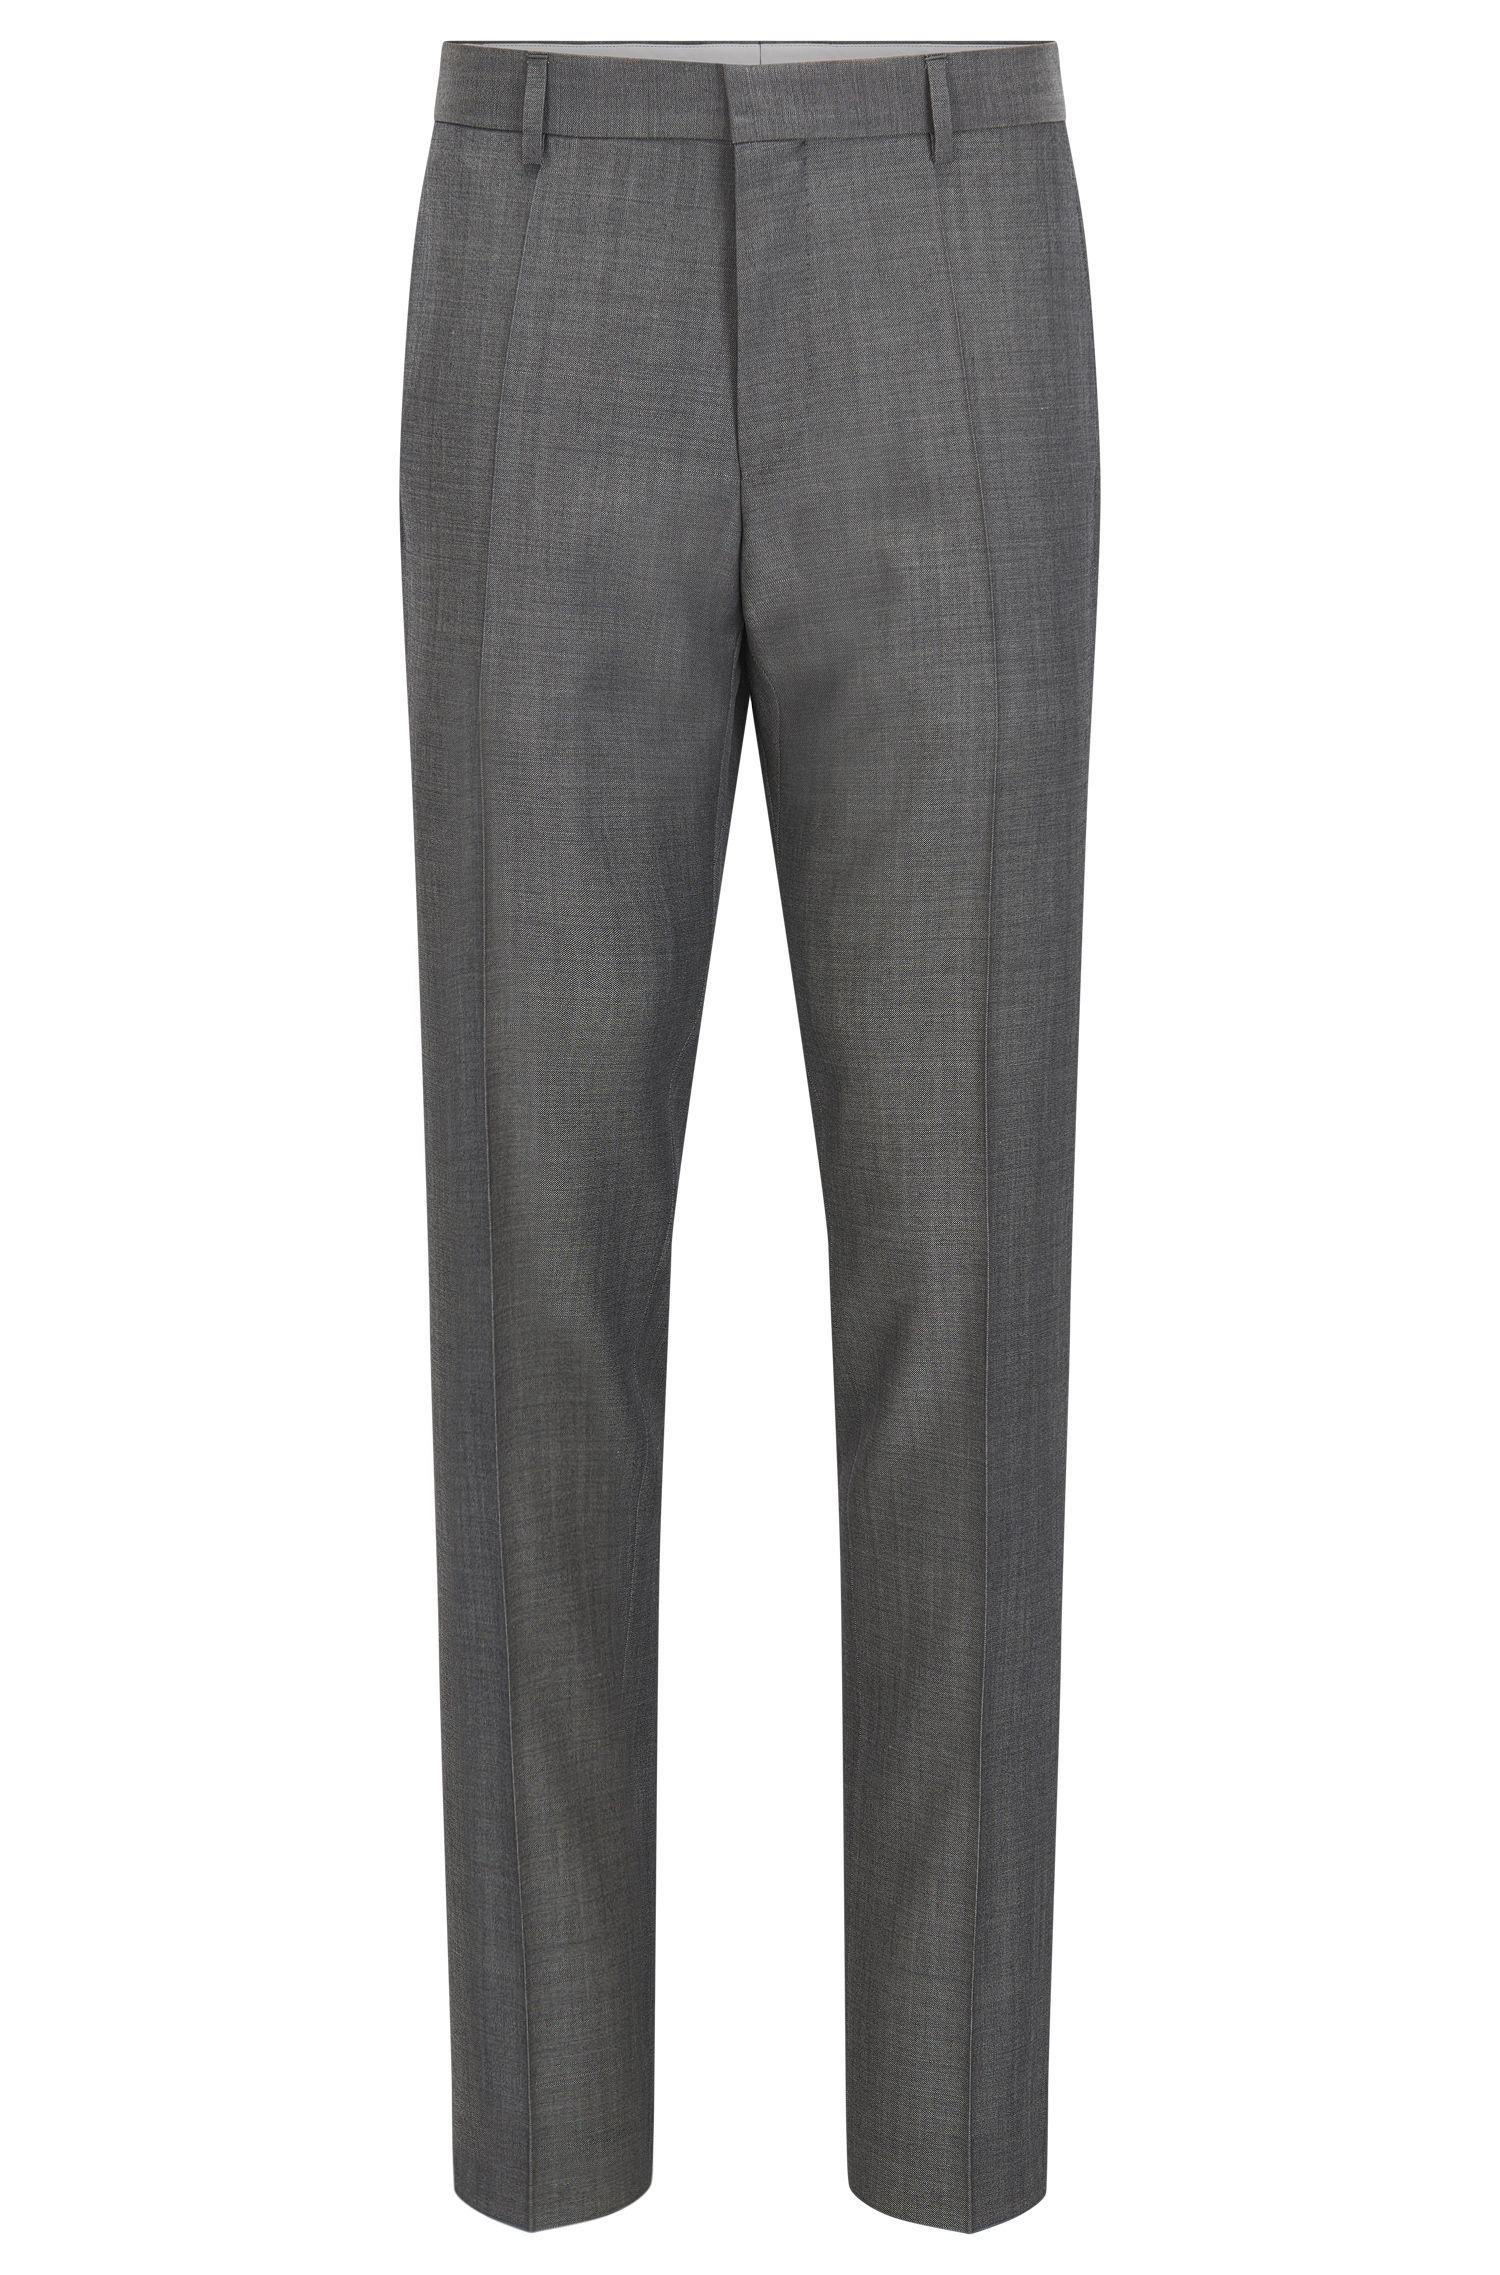 Crosshatch Virgin Wool Dress Pants, Slim Fit | Genesis